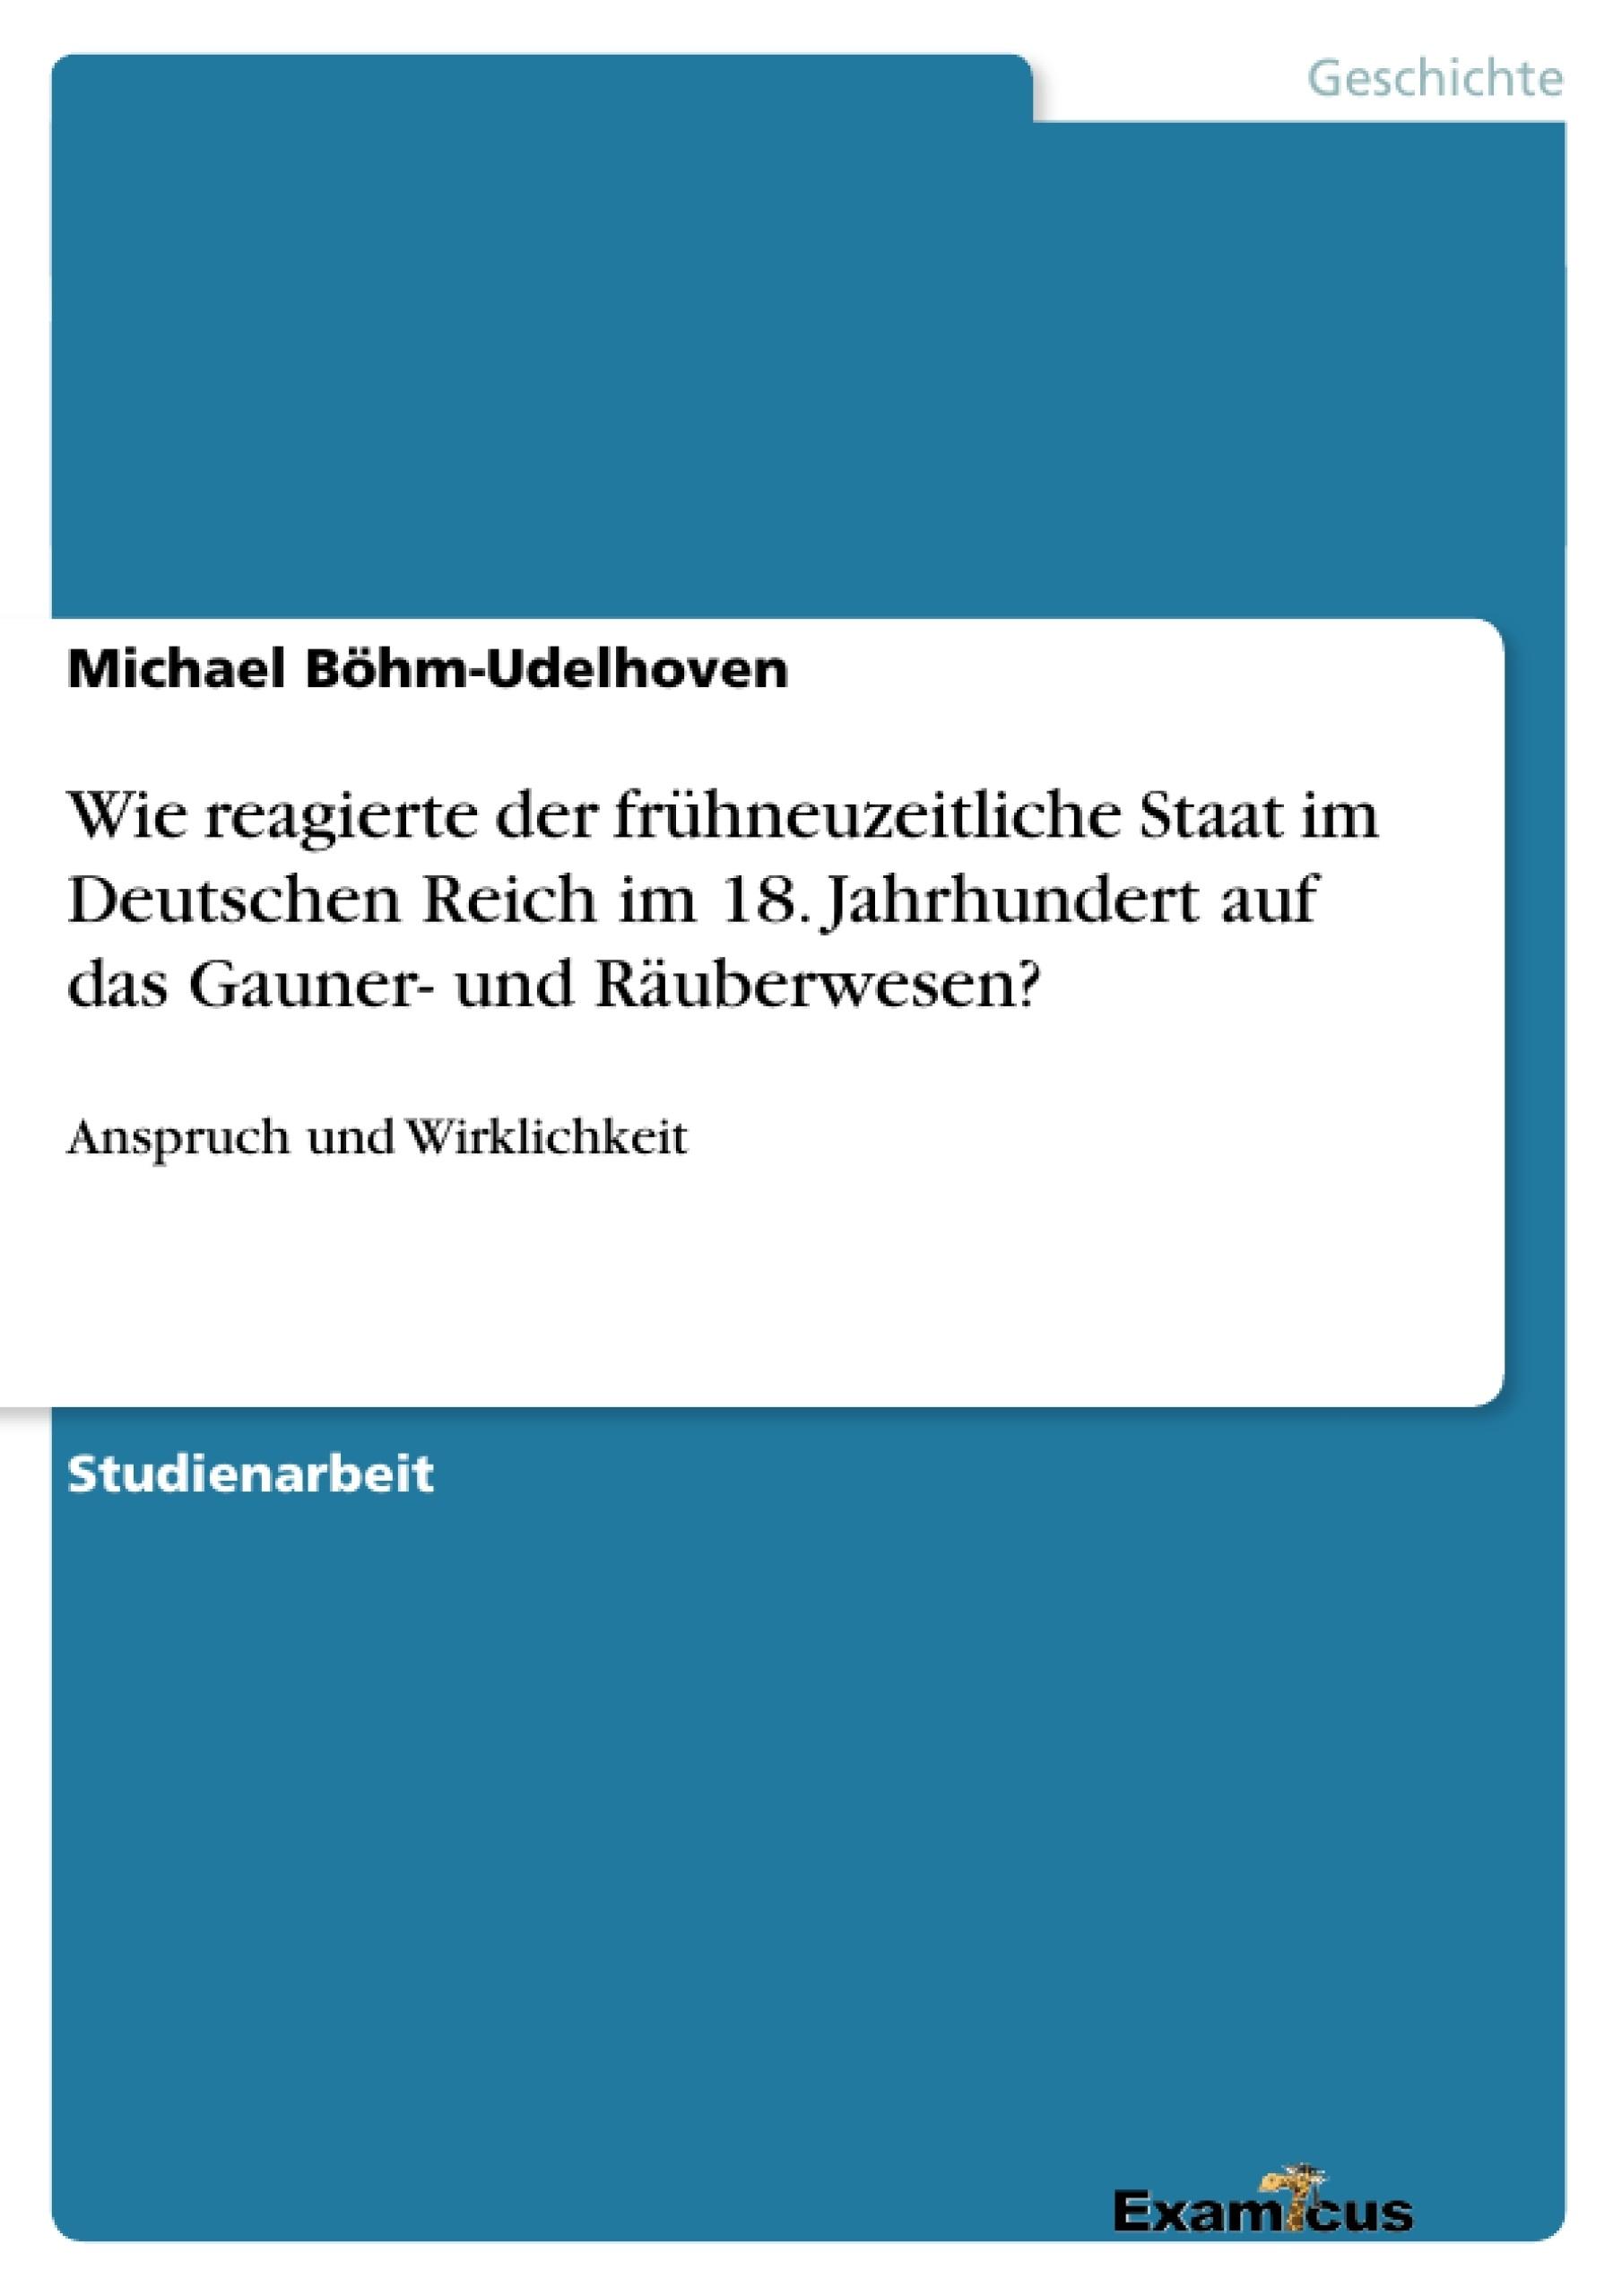 Titel: Wie reagierte der frühneuzeitliche Staat im Deutschen Reich im 18. Jahrhundert auf das Gauner- und Räuberwesen?